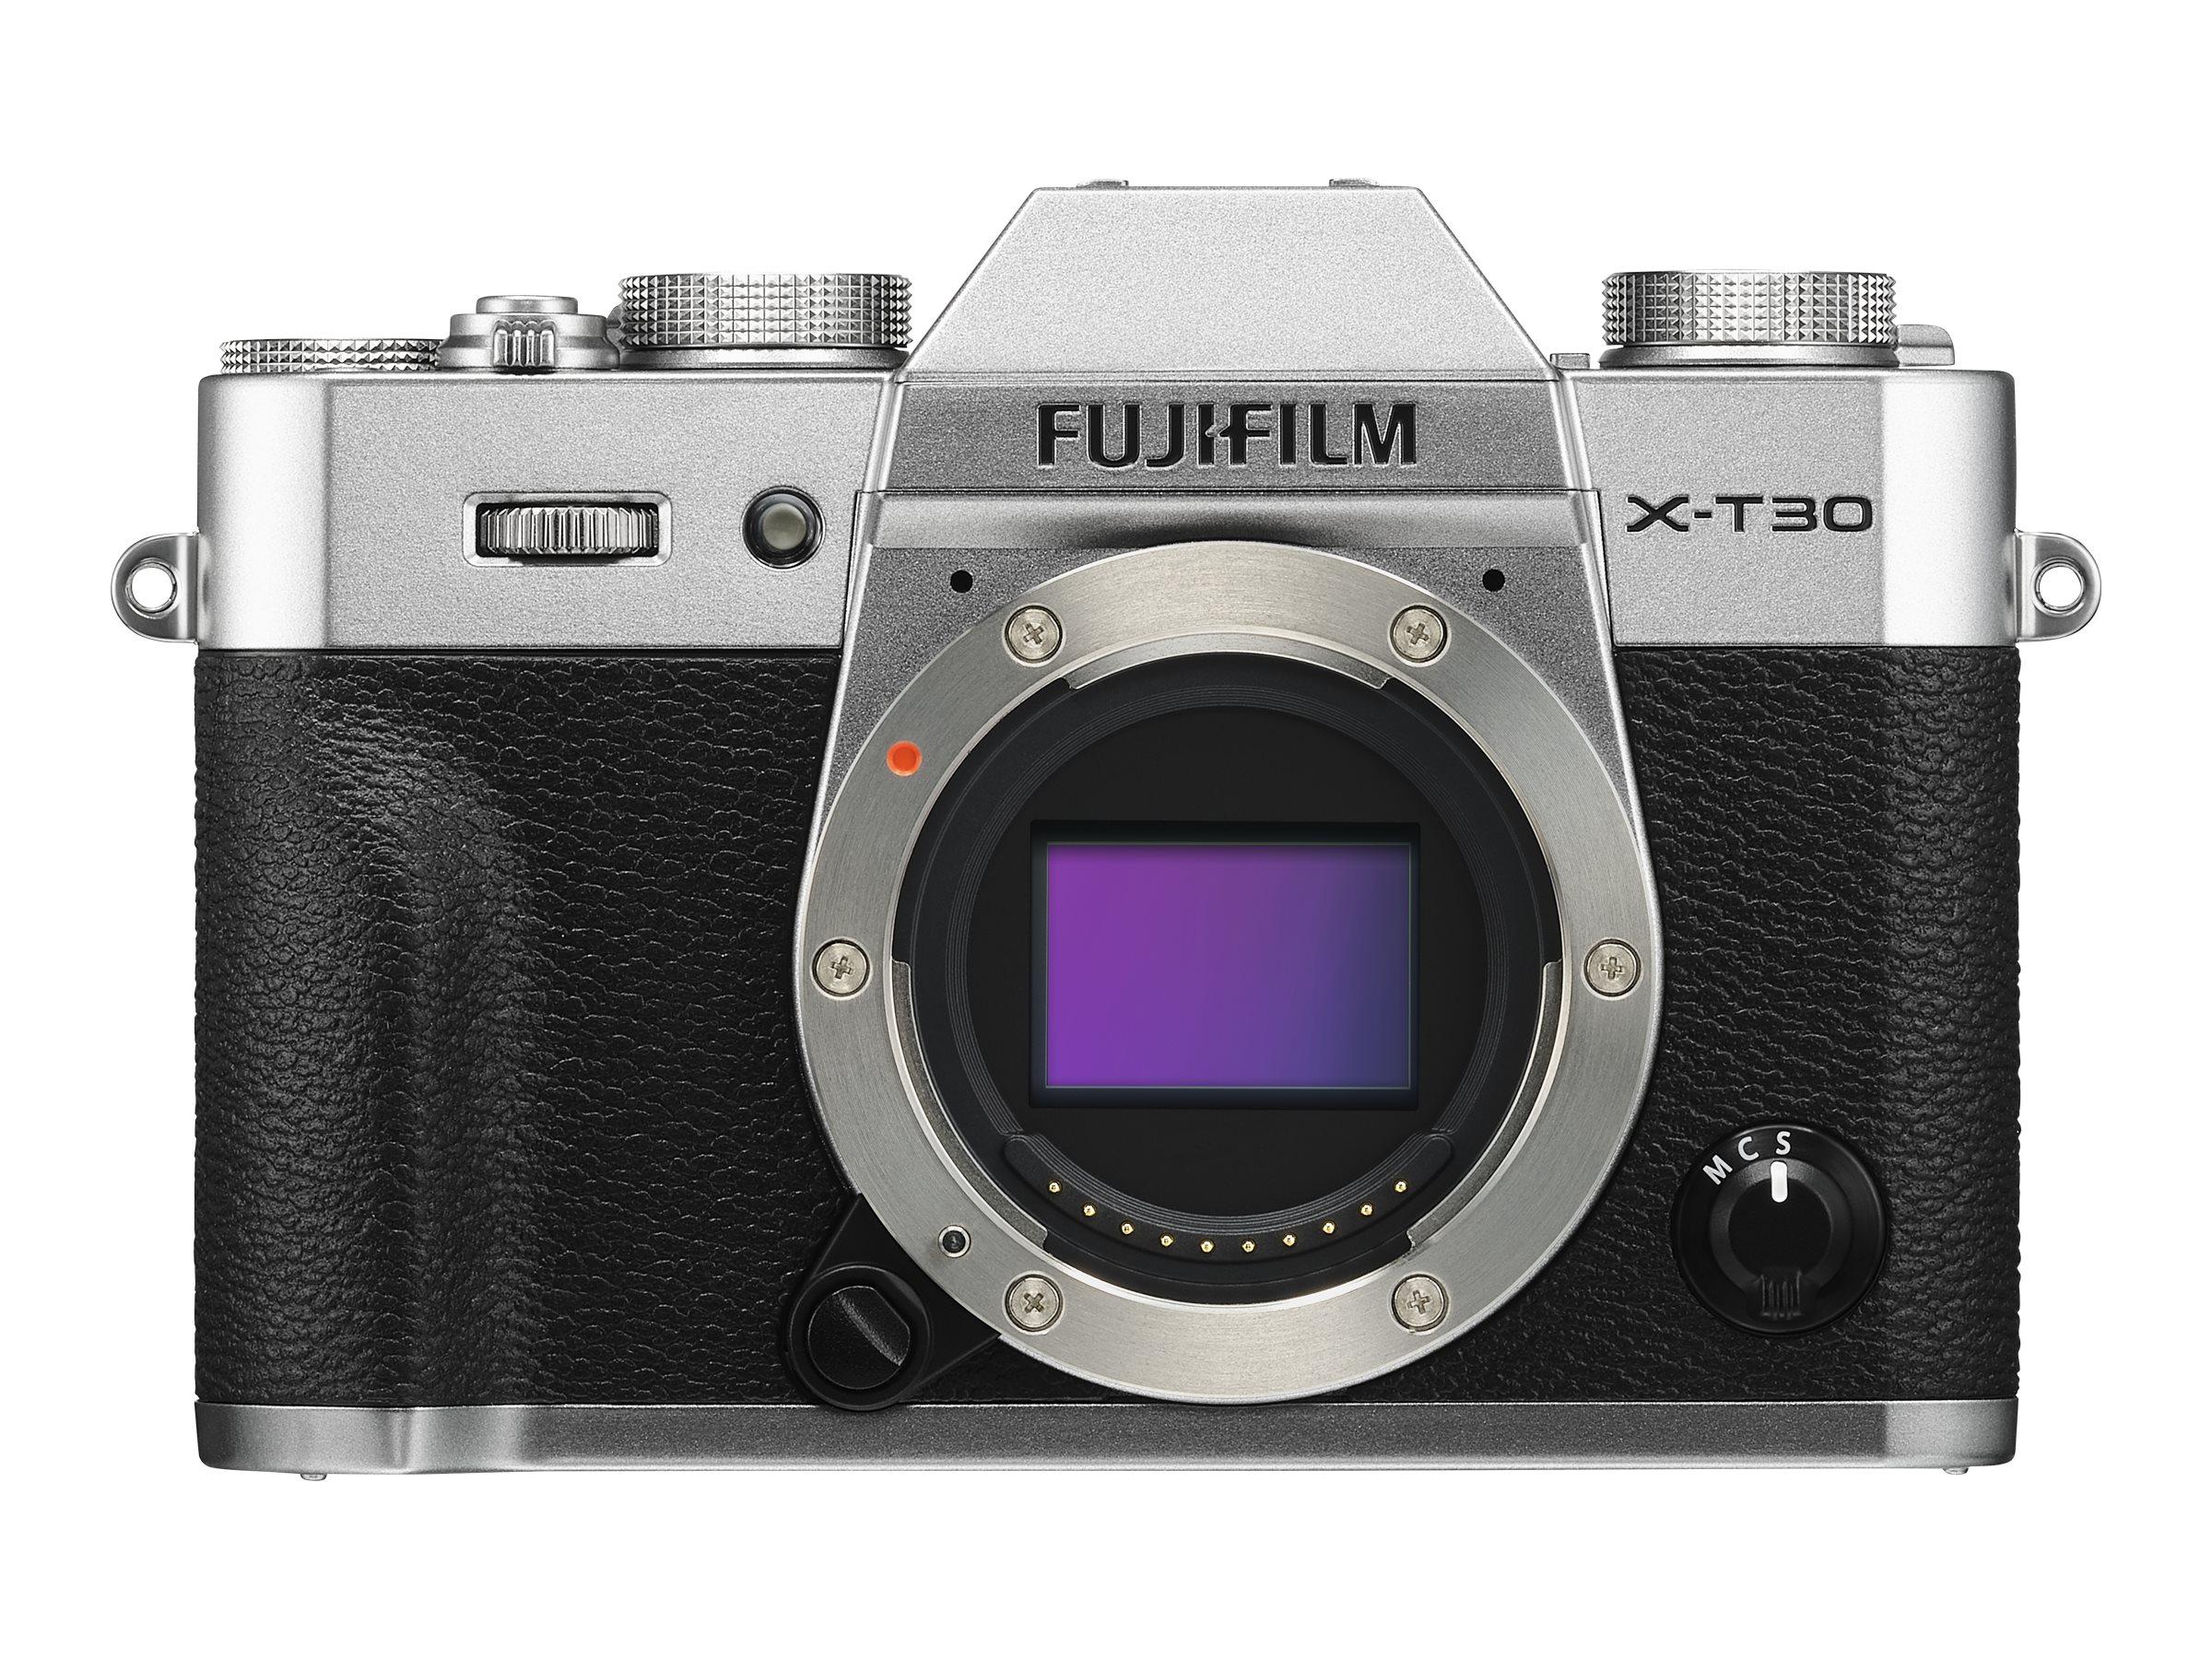 Fujifilm X Series X-T30 - Digitalkamera - spiegellos - 26.1 MPix - APS-C - 4K / 30 BpS